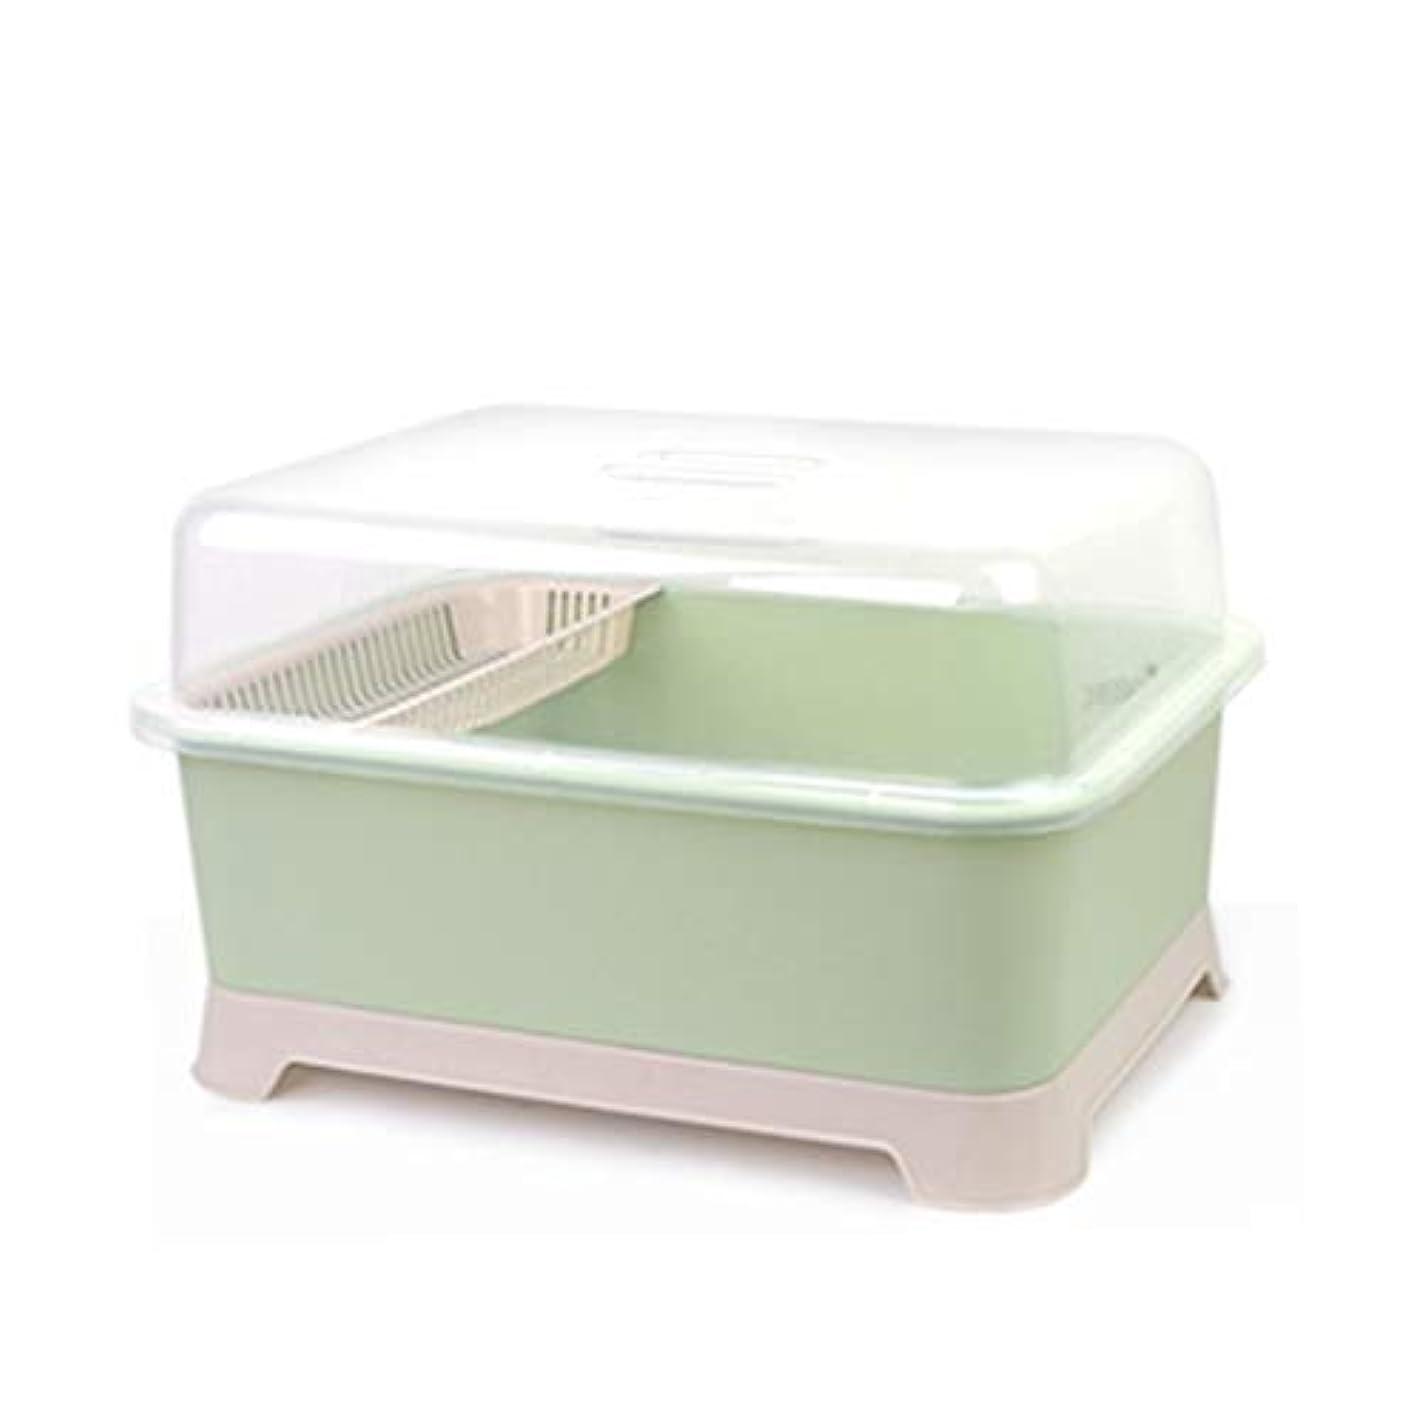 ハウスキャンペーン力IUYWL キッチンドレンラック、大型食器収納ボックス、蓋付き収納ボックス、プラスチック製食器棚、家庭用食器棚 キッチンドレンラック (Color : Green)